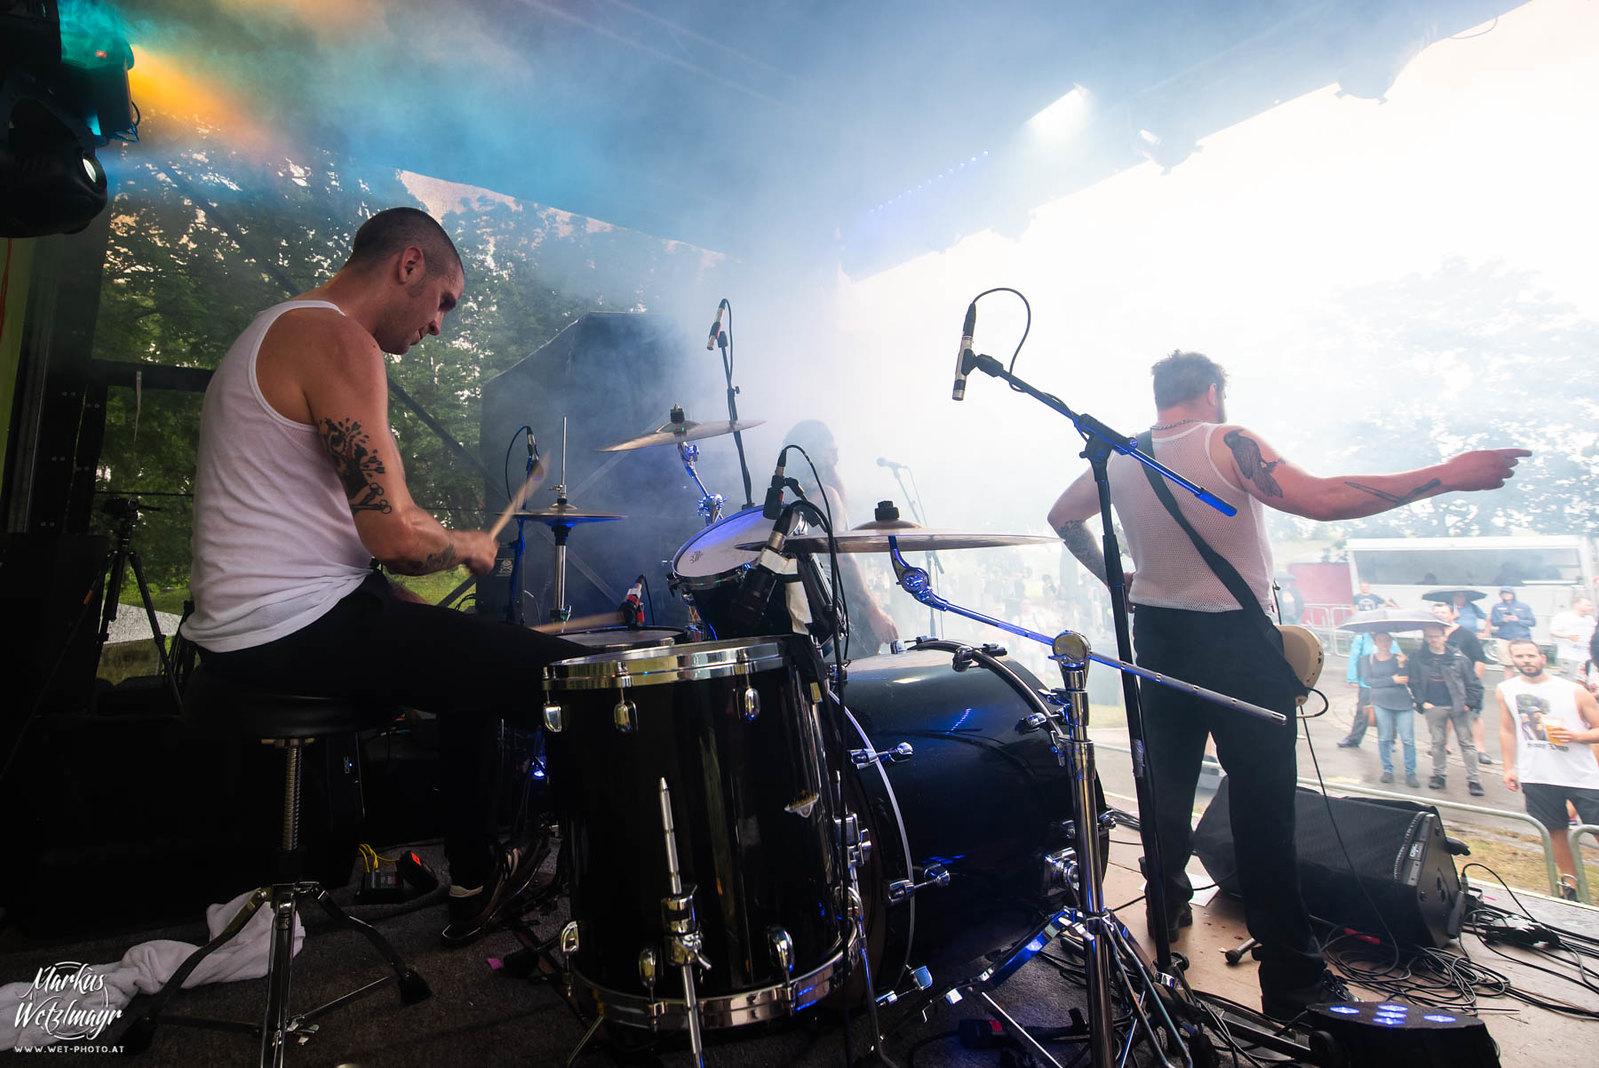 BOOGIE HAMMER - Metalheads Against Racism Vol. 8, Donauinselfest Vienna